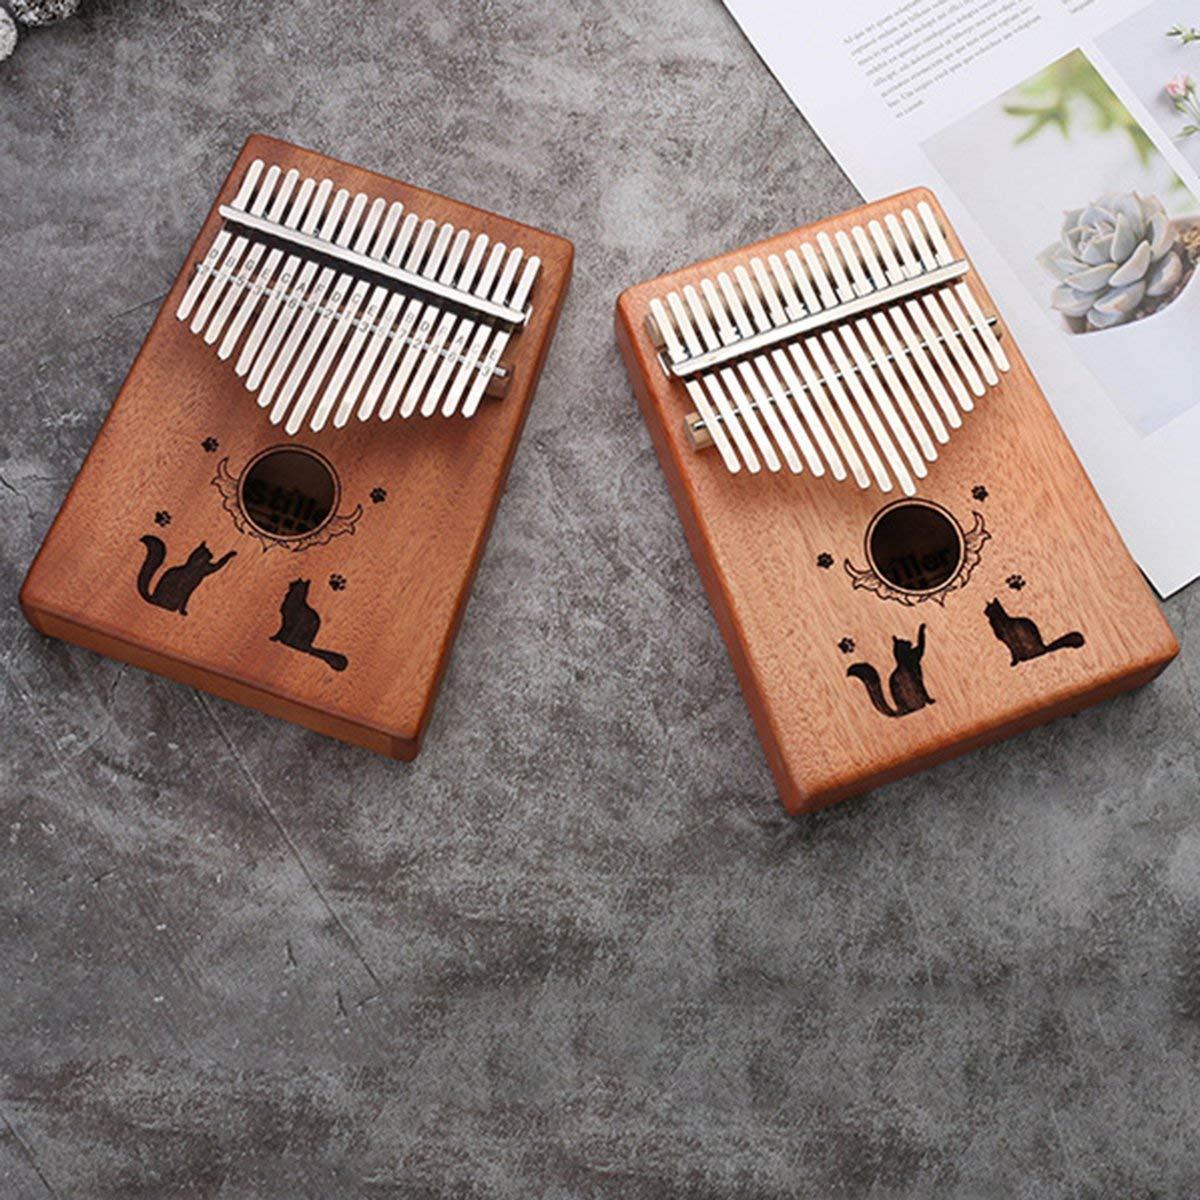 17 tasti Thumb Piano C bambini Illuminazione casa Istruzione Kalimba 10 pulsanti Pocket africano strumento di legno